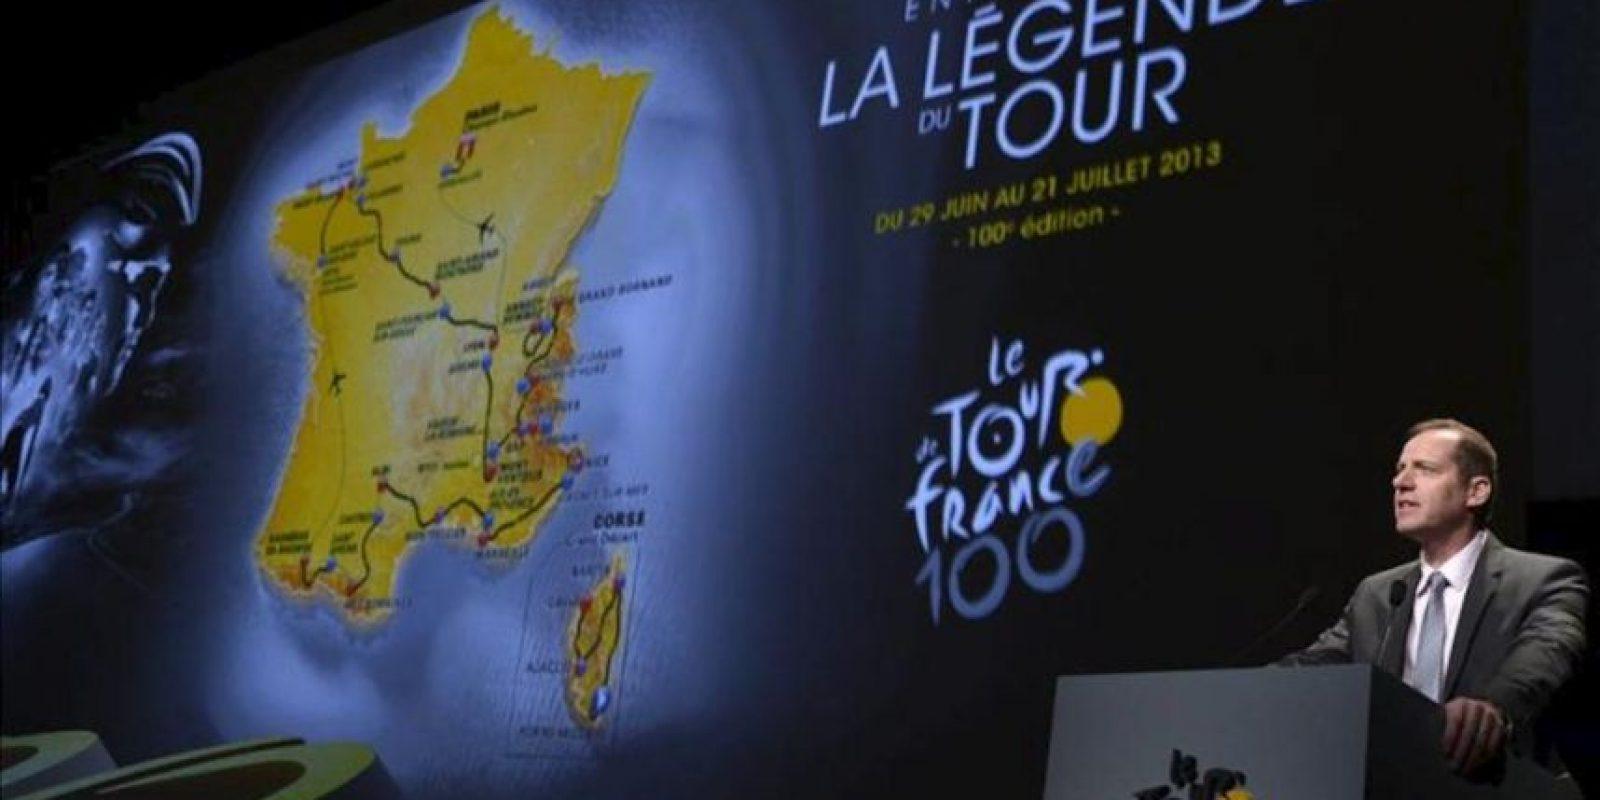 El director general del Tour de Francia, Christian Prudhomme, da un discurso durante la presentación presentación del recorrido de la ronda gala hoy en París (Francia). La prueba comenzará el 29 de junio en Poro Vecchio y finalizará el 21 de julio en París. EFE